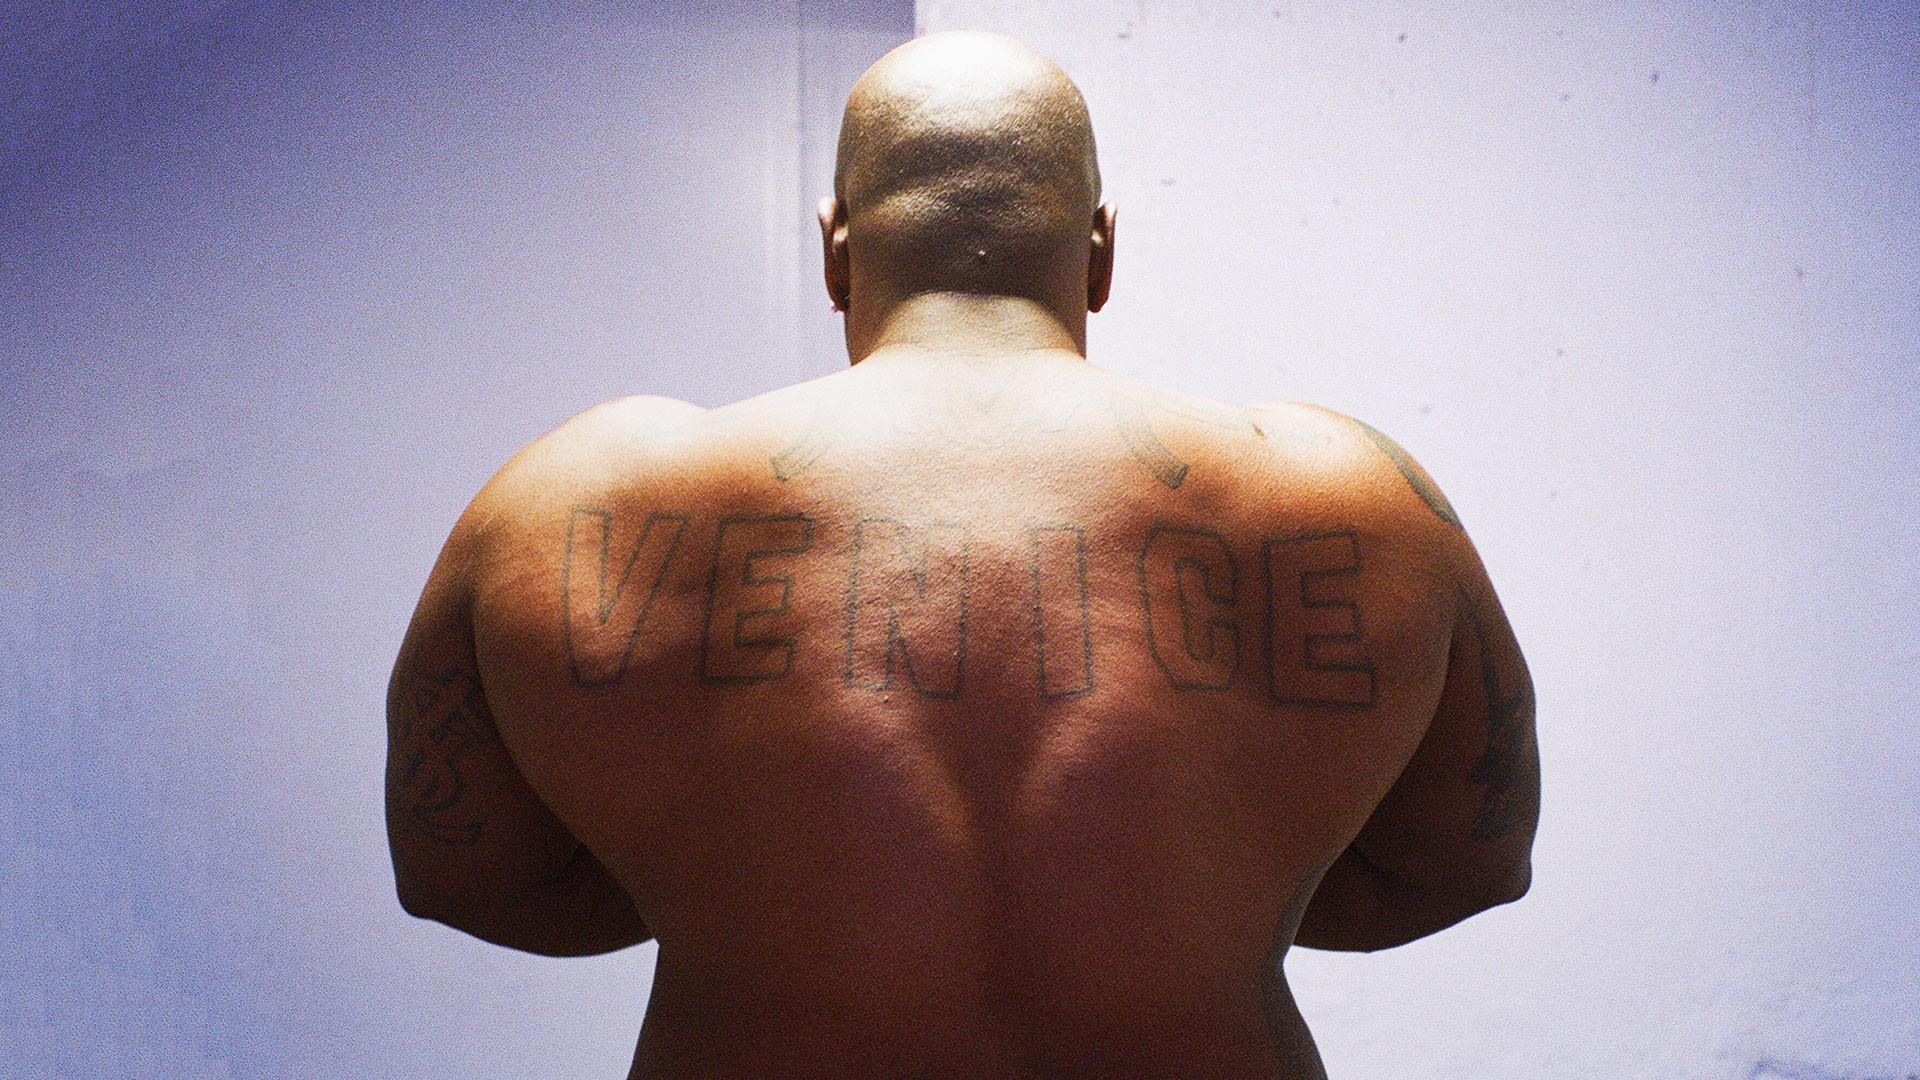 Shoreline Crips Scratcher Turned Street Tattoo Artist